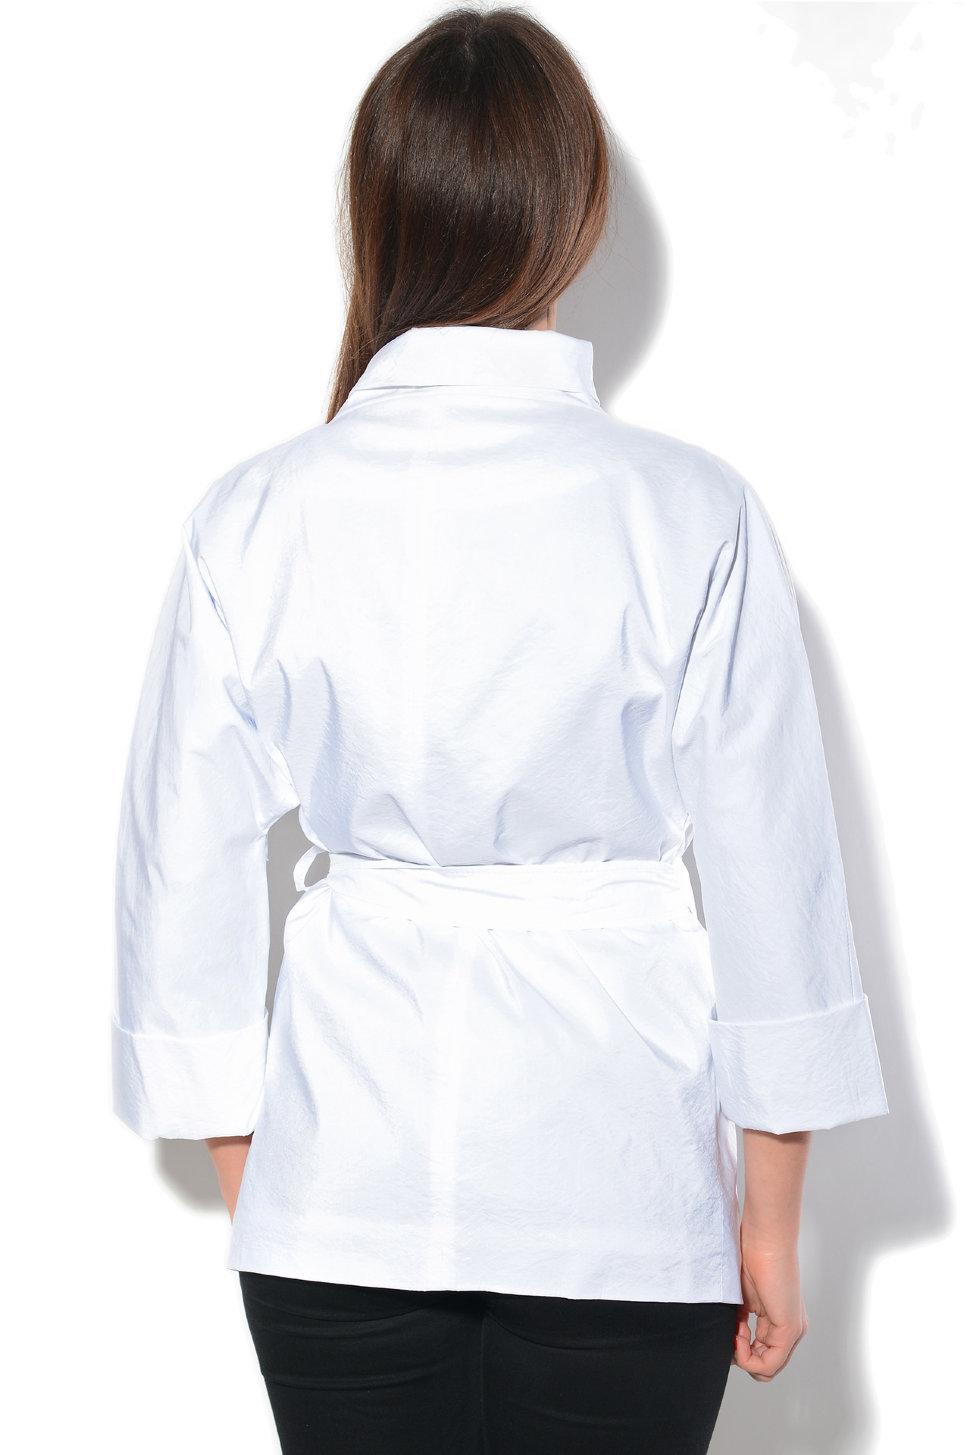 Бирюзовый спортивный костюм женский